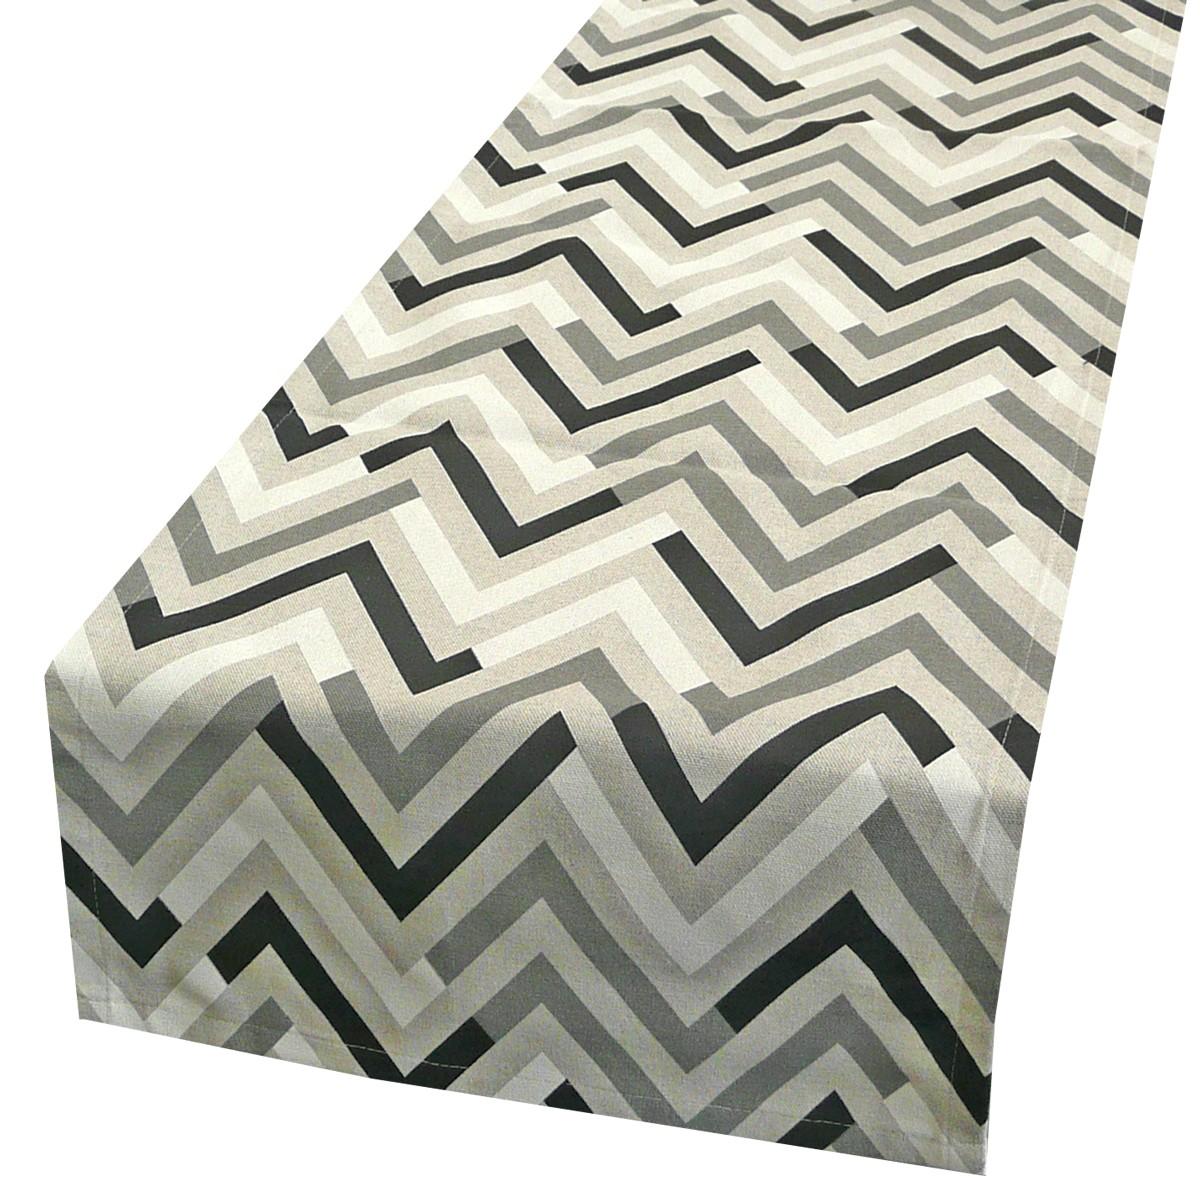 sch ner leben tischl ufer chevron zacken farbverlauf schwarz grau wei 40x160cm ebay. Black Bedroom Furniture Sets. Home Design Ideas